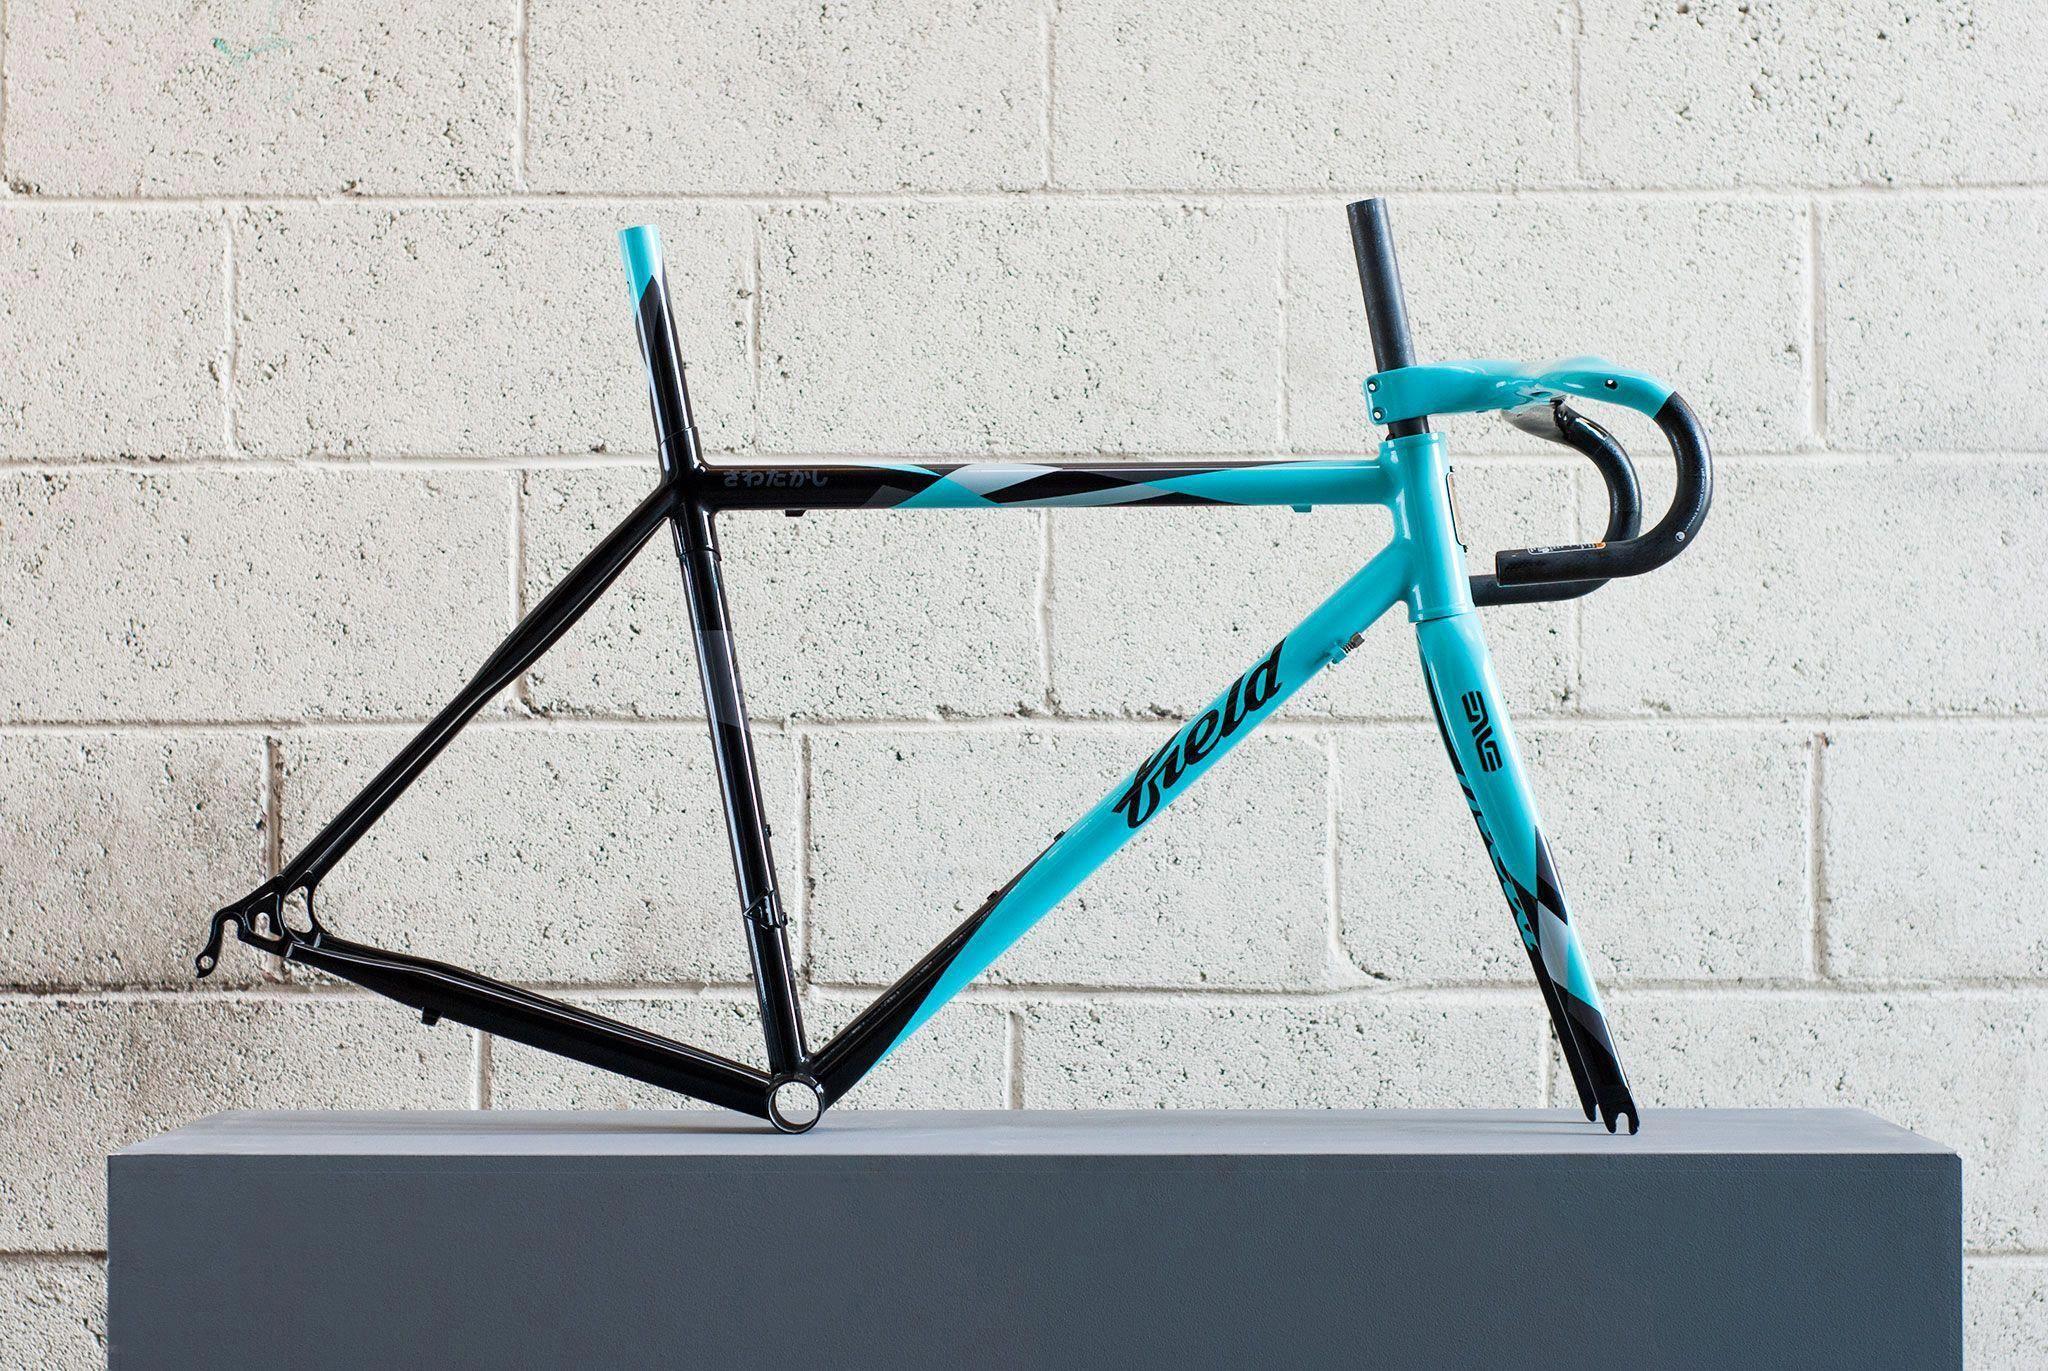 Types Of Bikes Pintura de bicicletas, Diseño de la